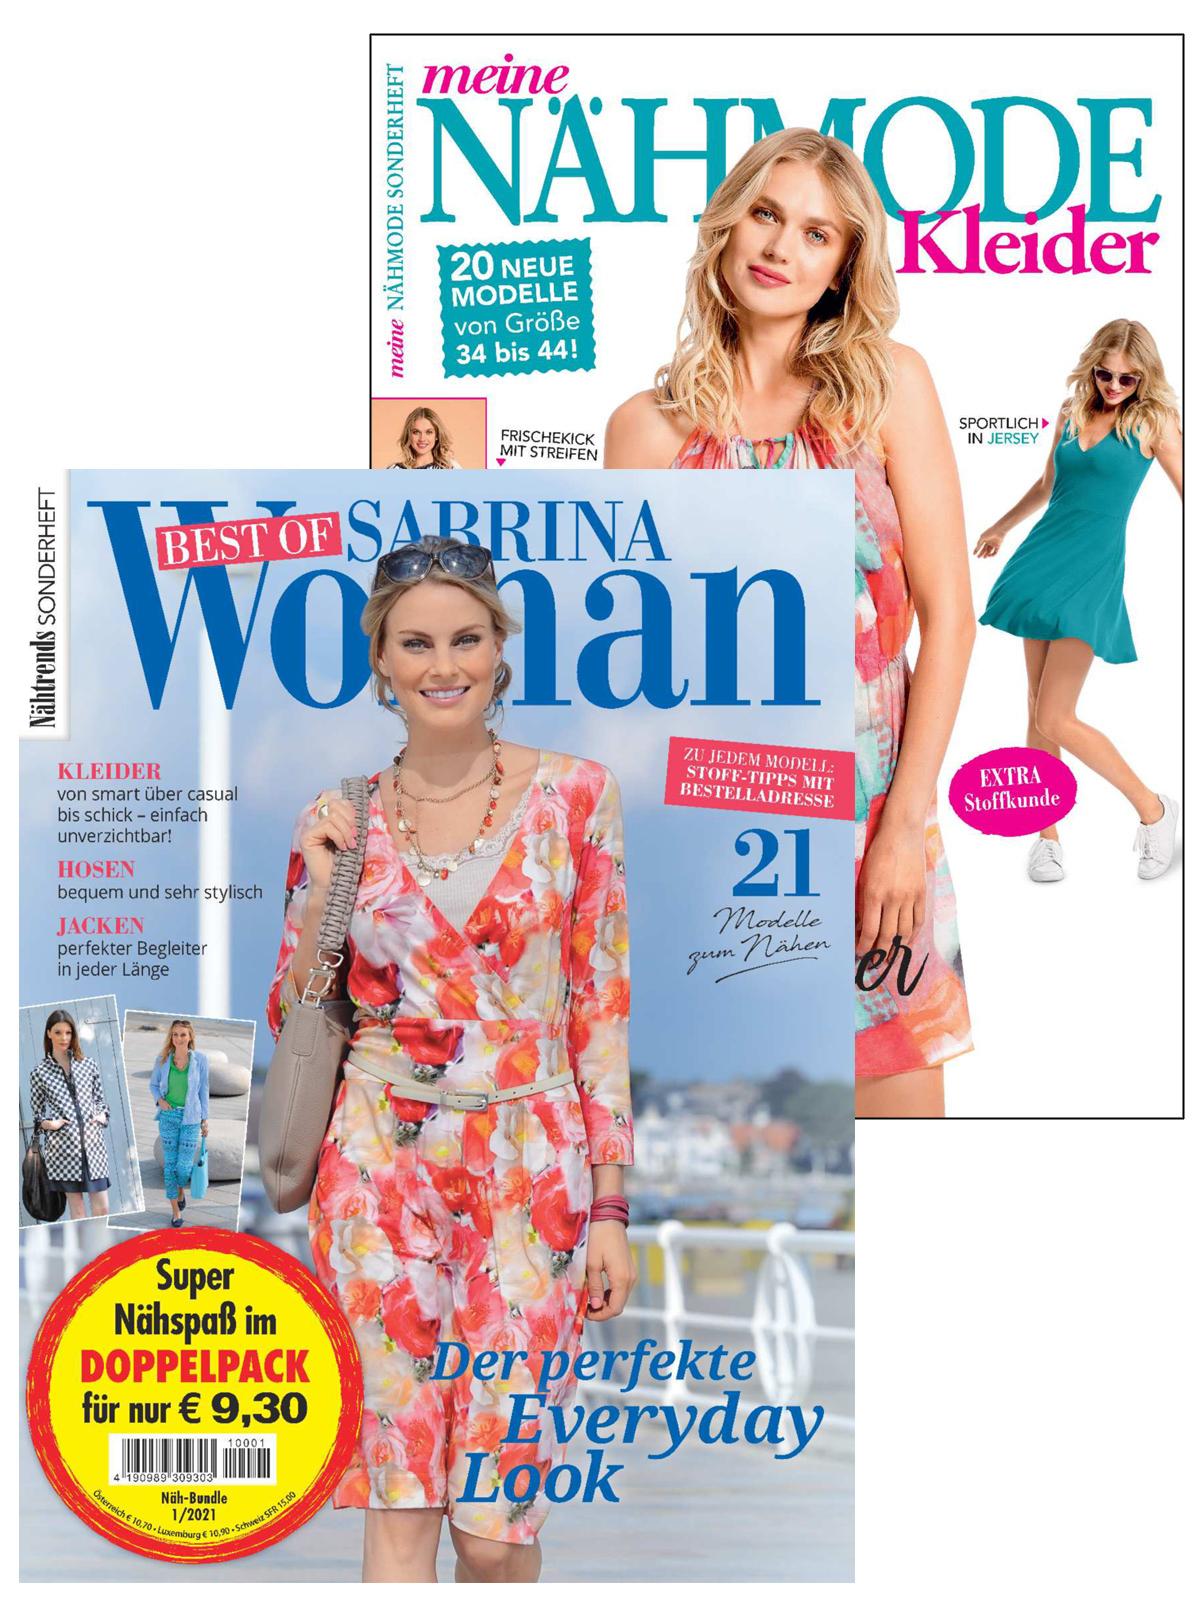 2 Zeitschriften: NT 049 Best of Sabrina Woman + MN 049 Kleider